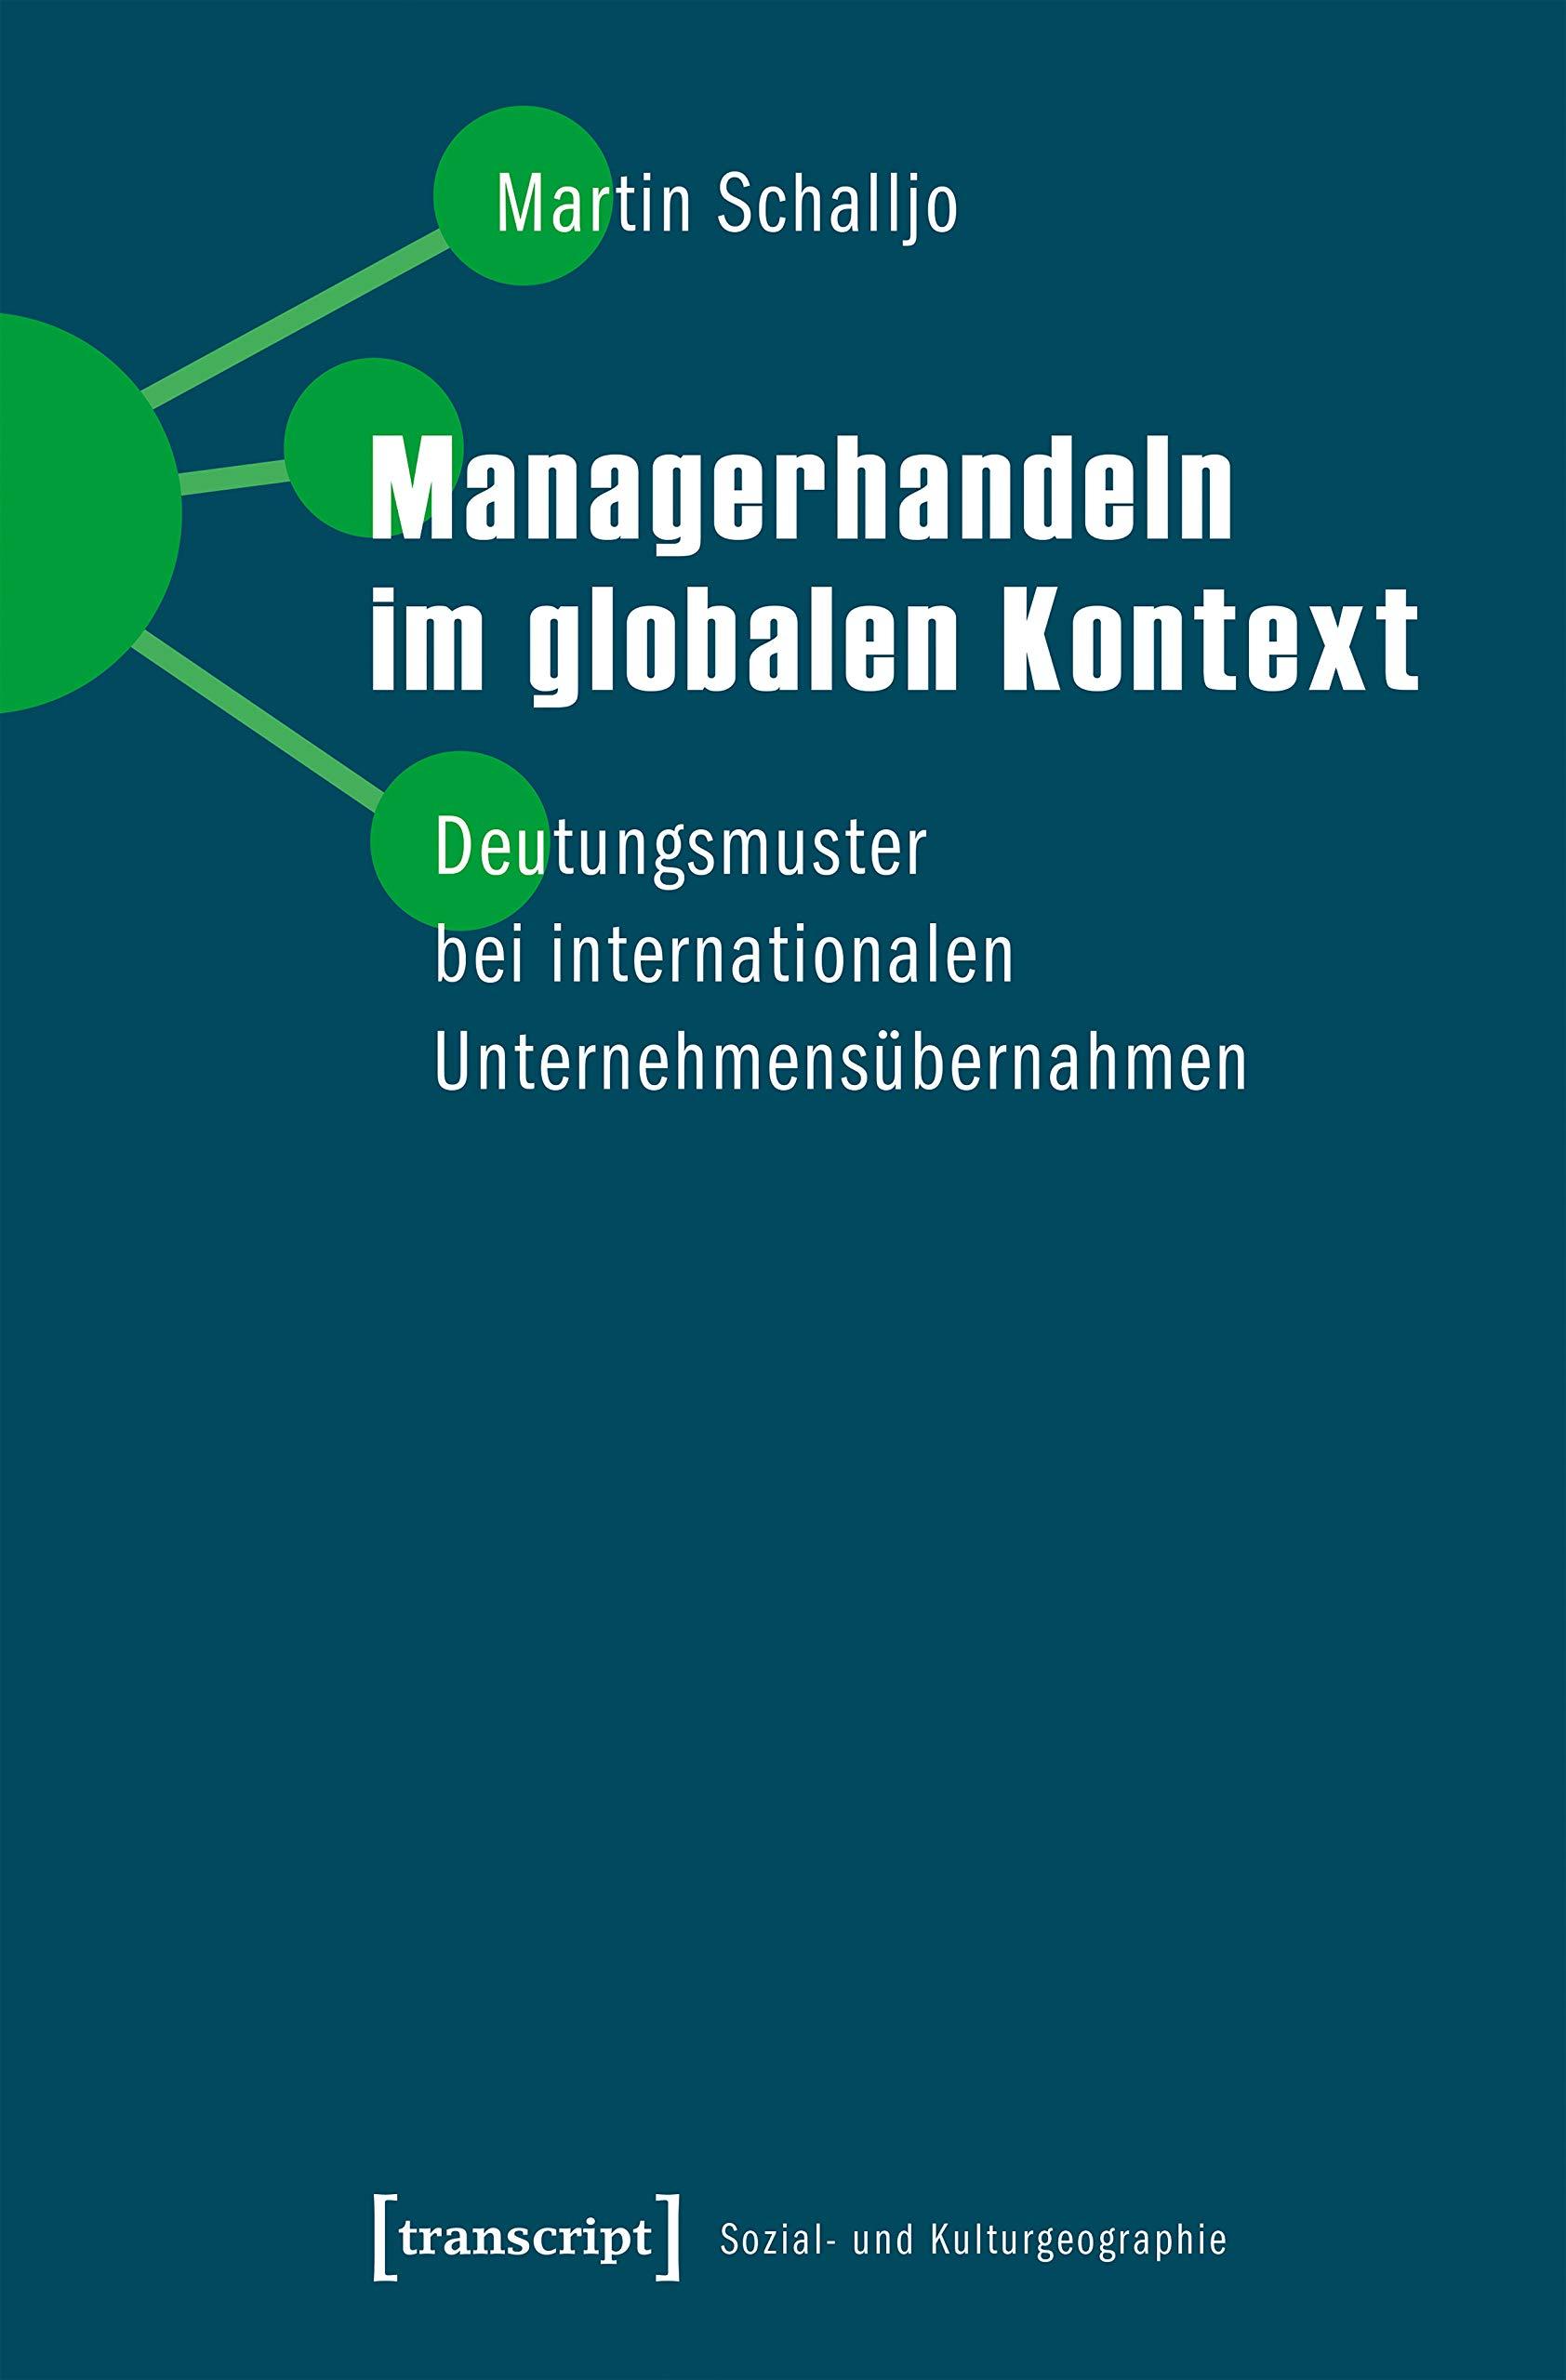 Managerhandeln im globalen Kontext: Deutungsmuster bei internationalen Unternehmensübernahmen (Sozial- und Kulturgeographie)